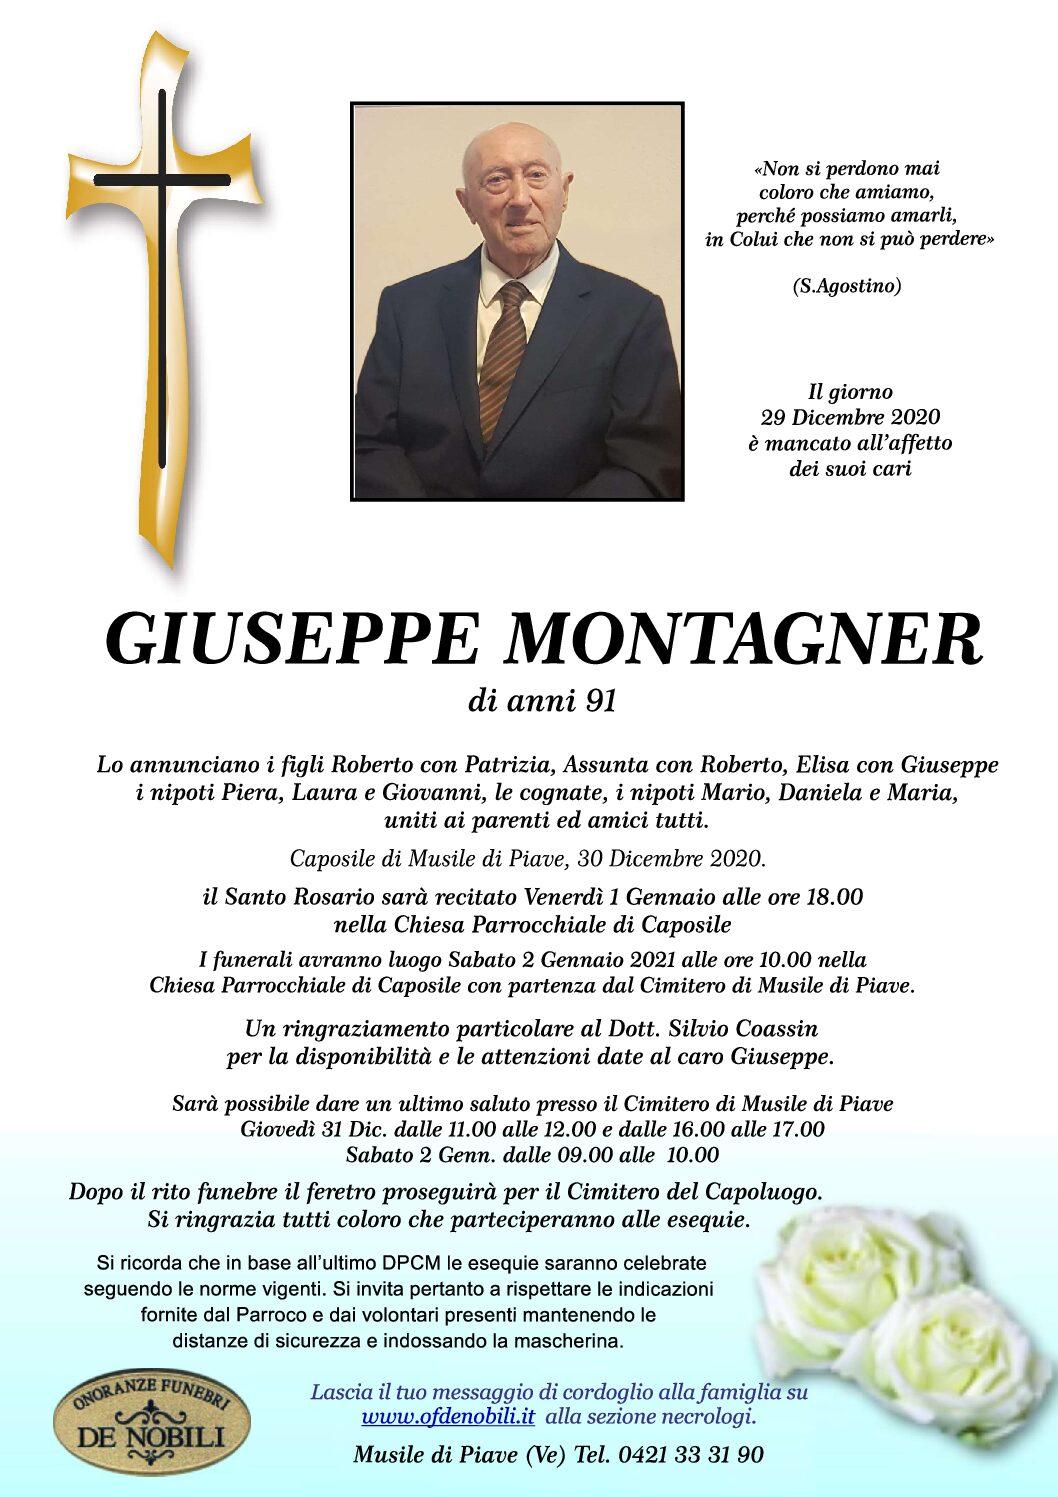 Giuseppe Montagner